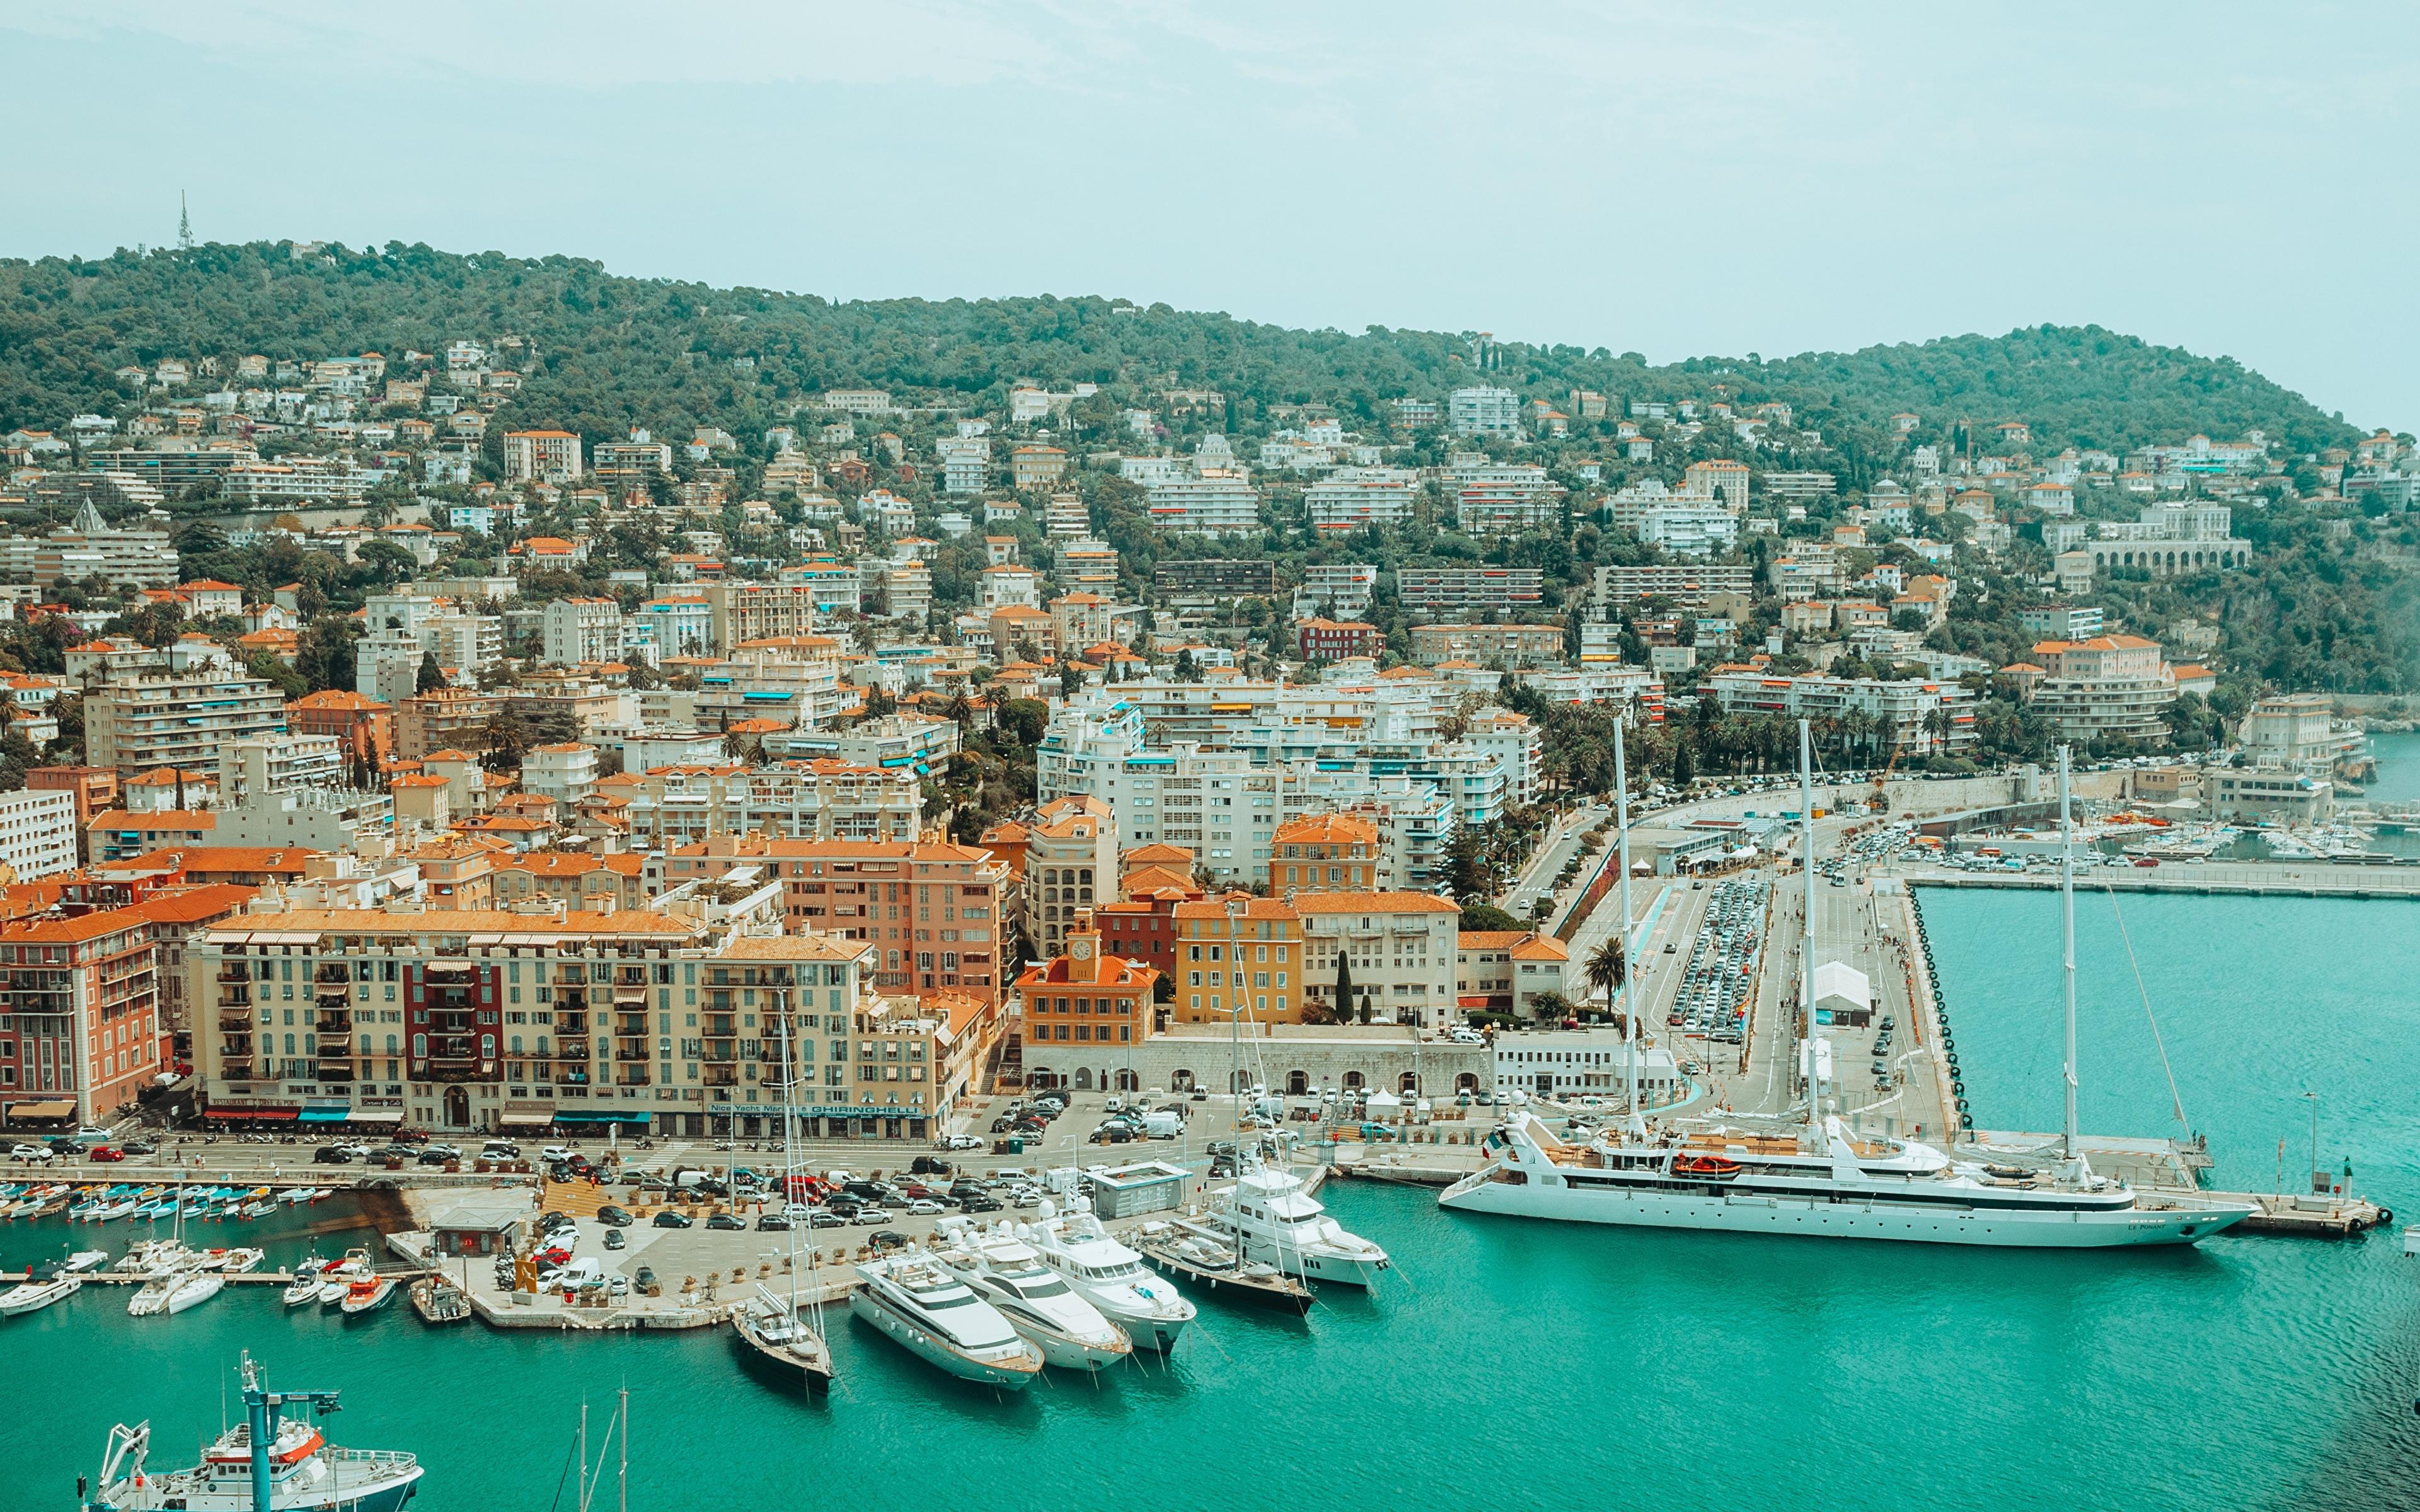 Обои для рабочего стола Франция Nice, Alpes-Maritimes Корабли Яхта Пирсы Города 3840x2400 корабль Причалы Пристань город